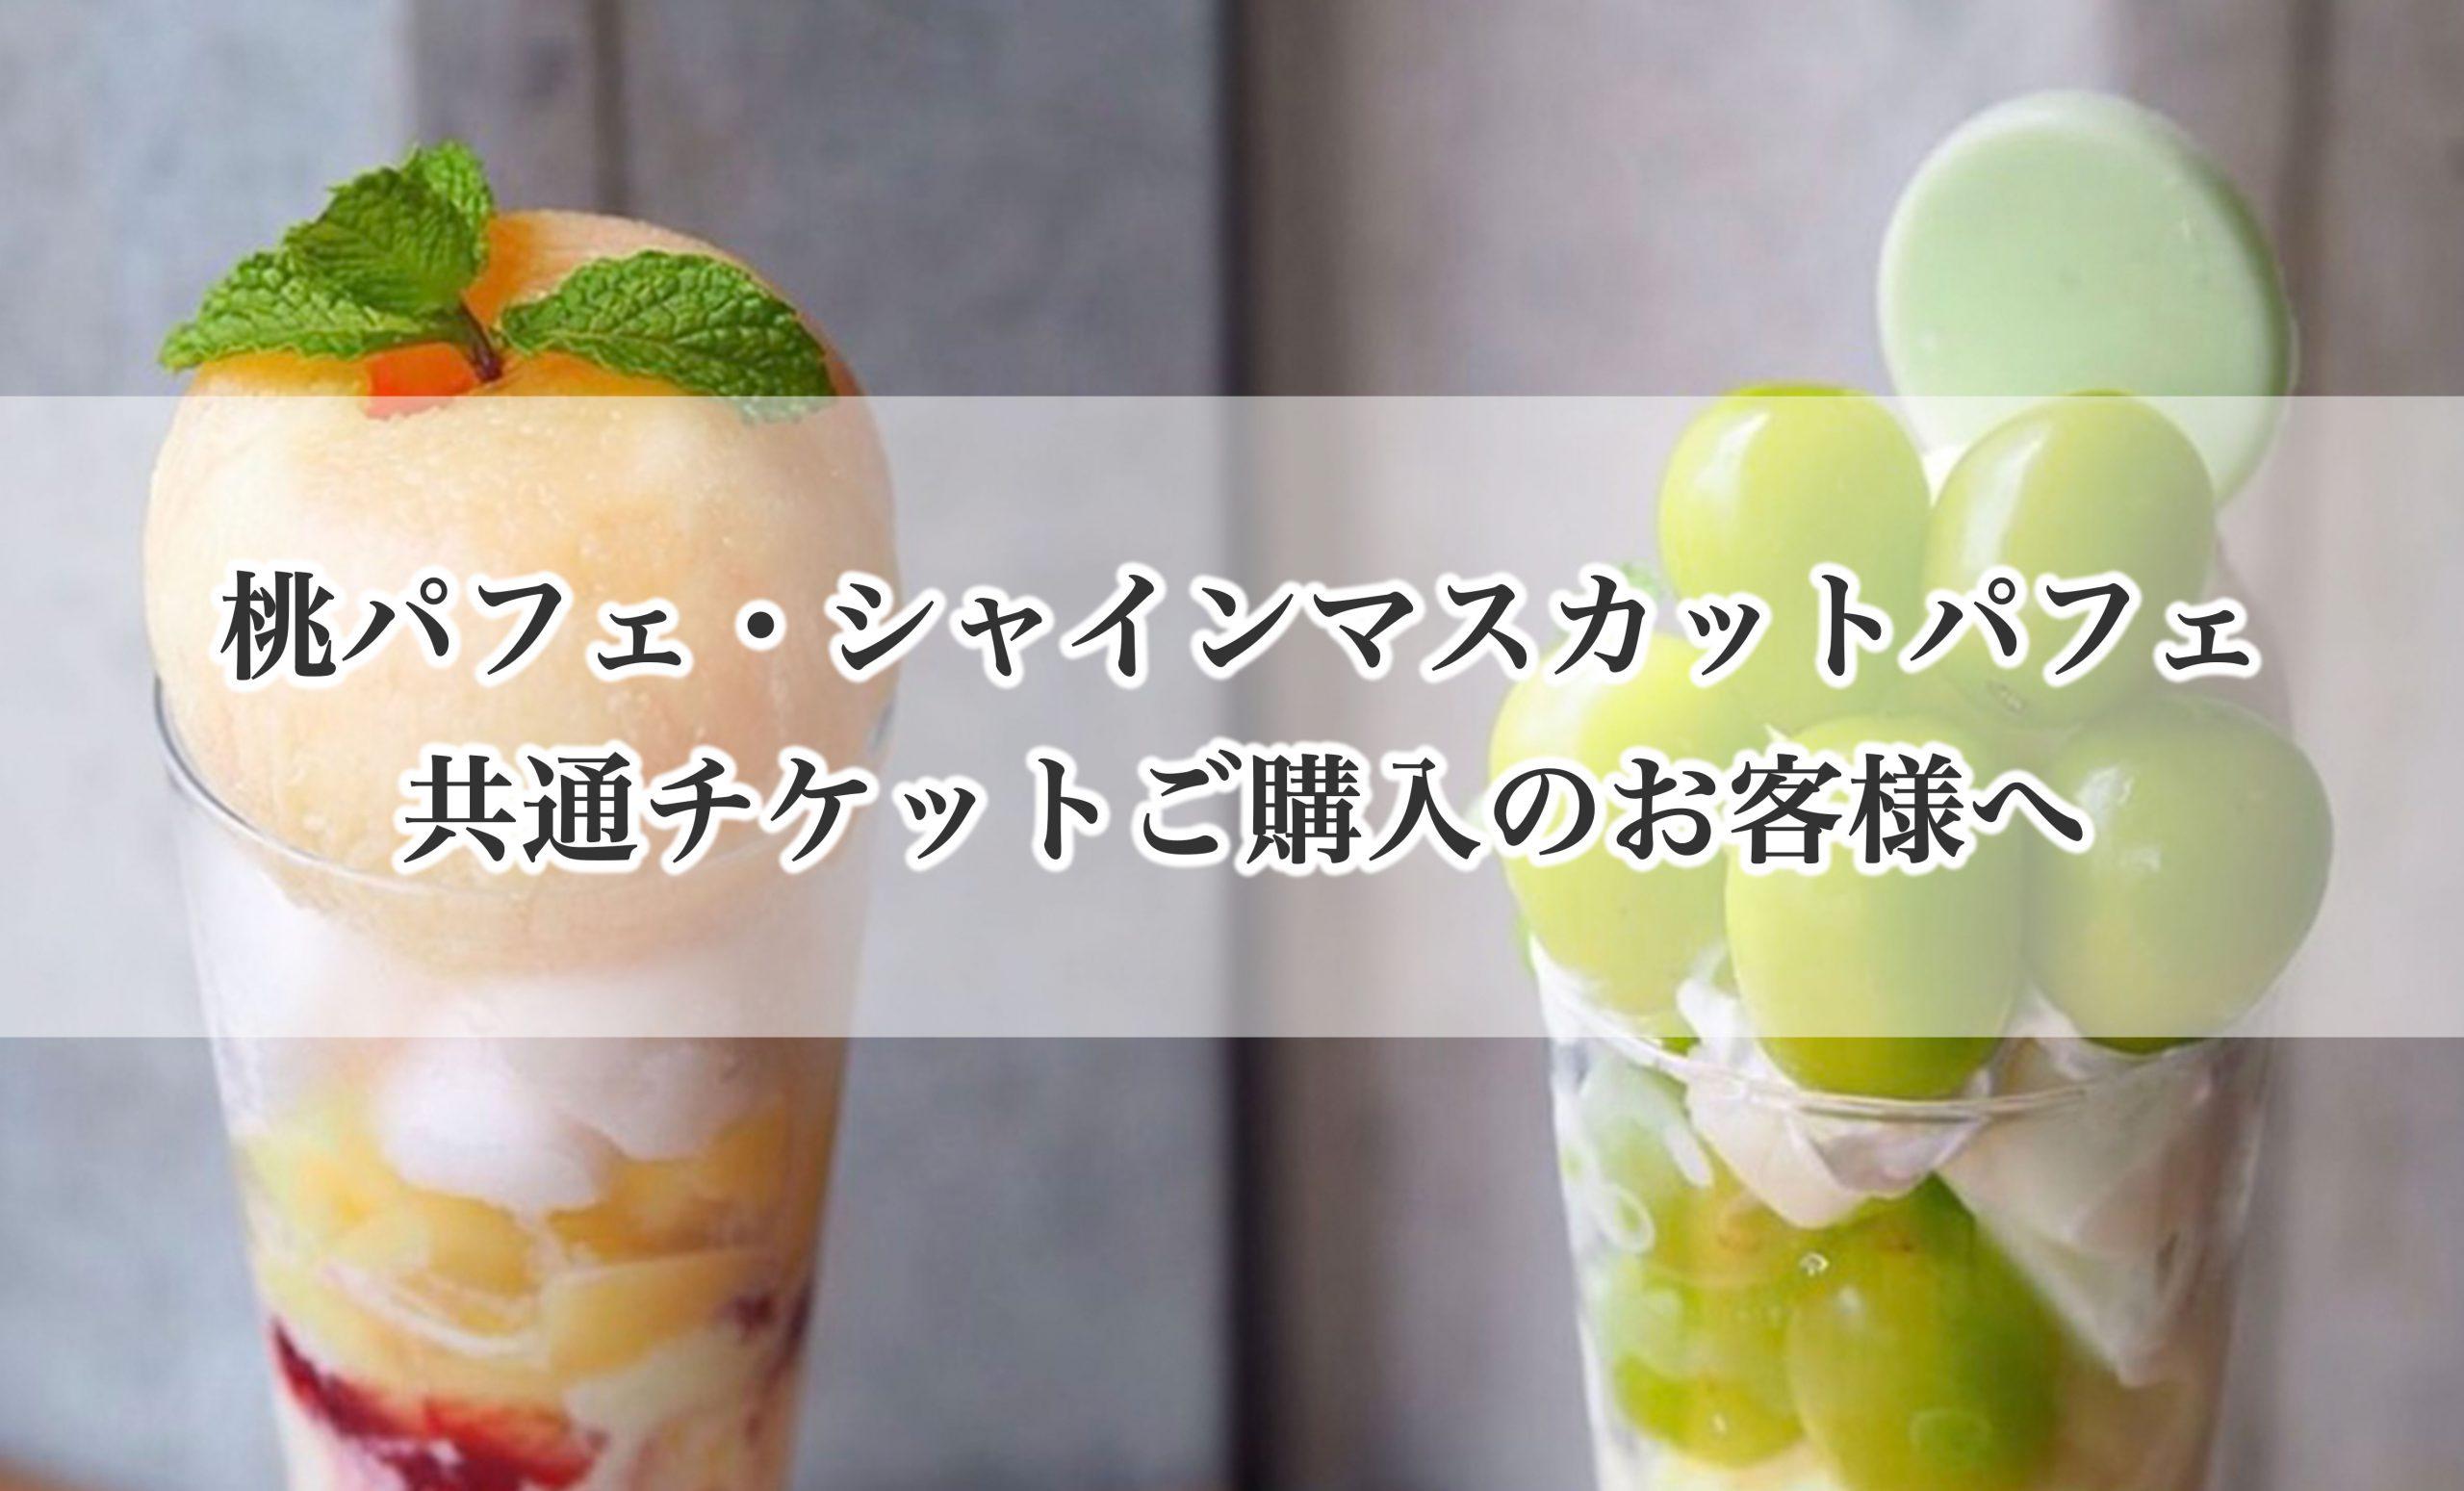 桃パフェ・シャインマスカットパフェ共通チケットご購入のお客様へ